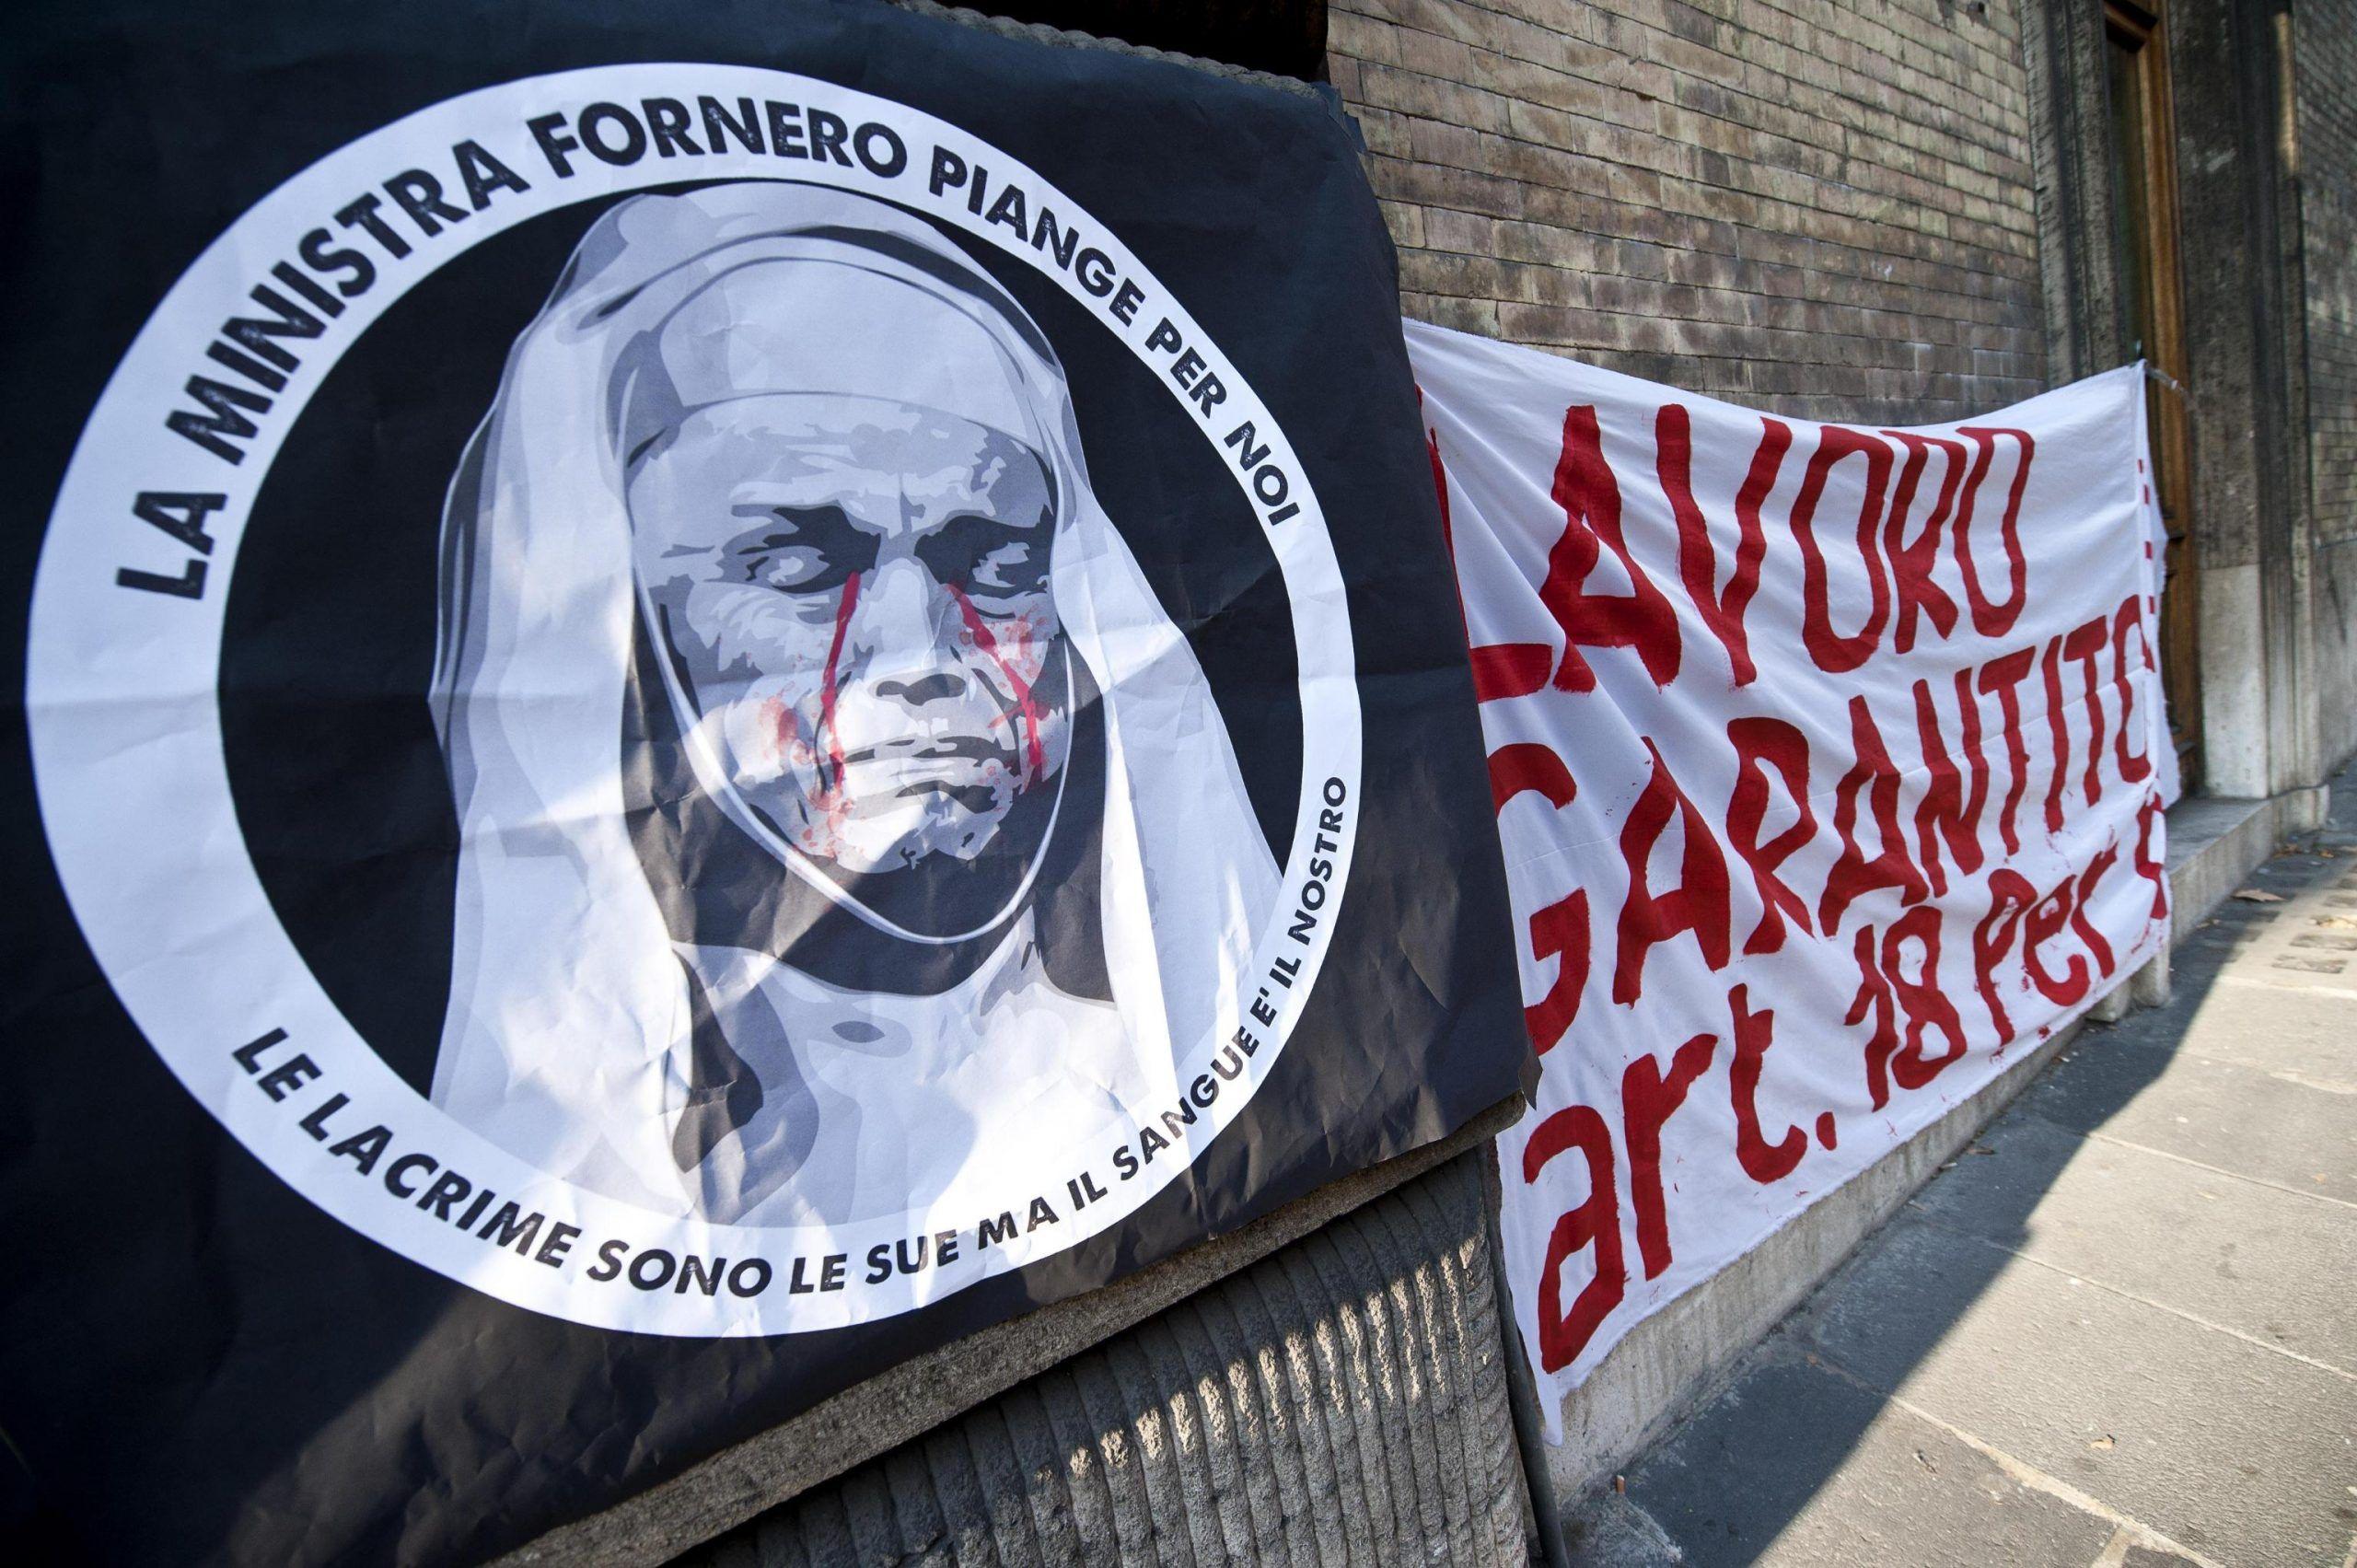 Pensioni: Riforma Fornero salva, no di Bankitalia e Corte dei Conti a modifiche su età pensionabile